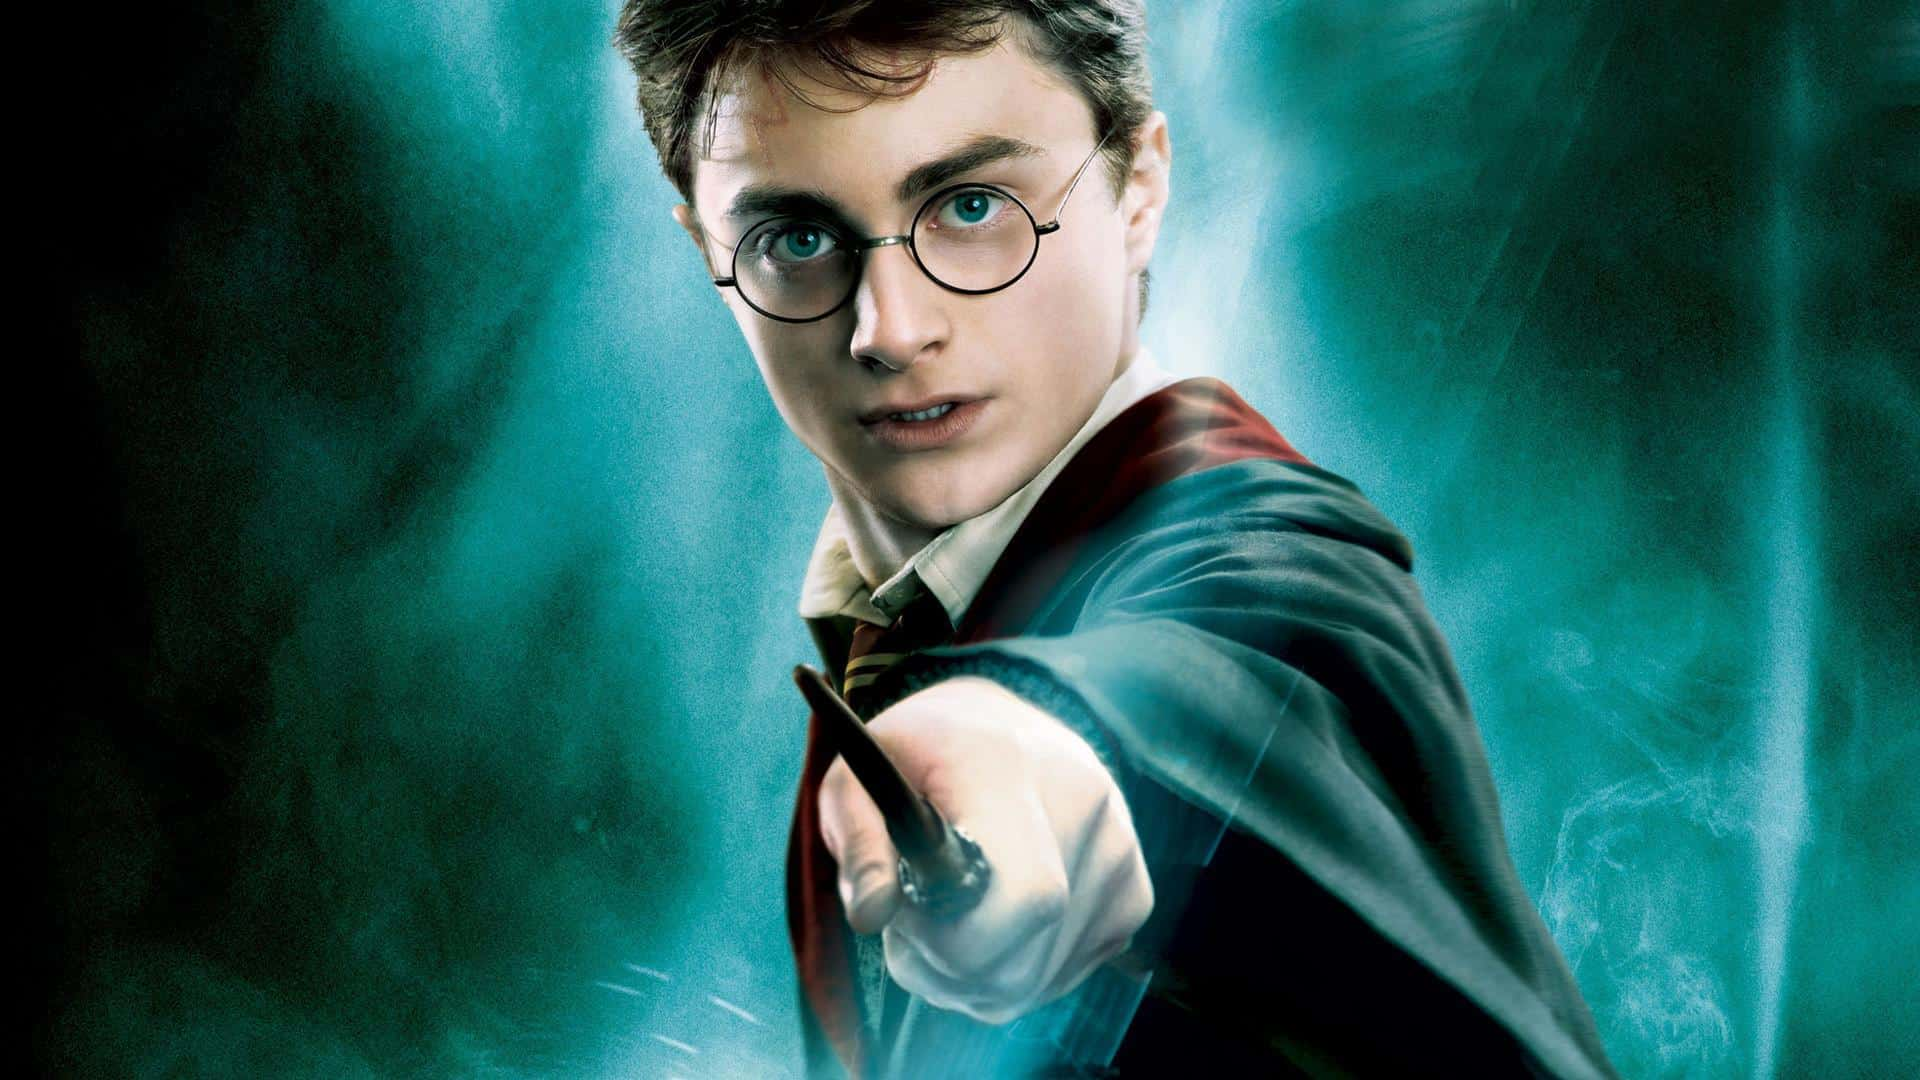 Daniel Radcliffe lego